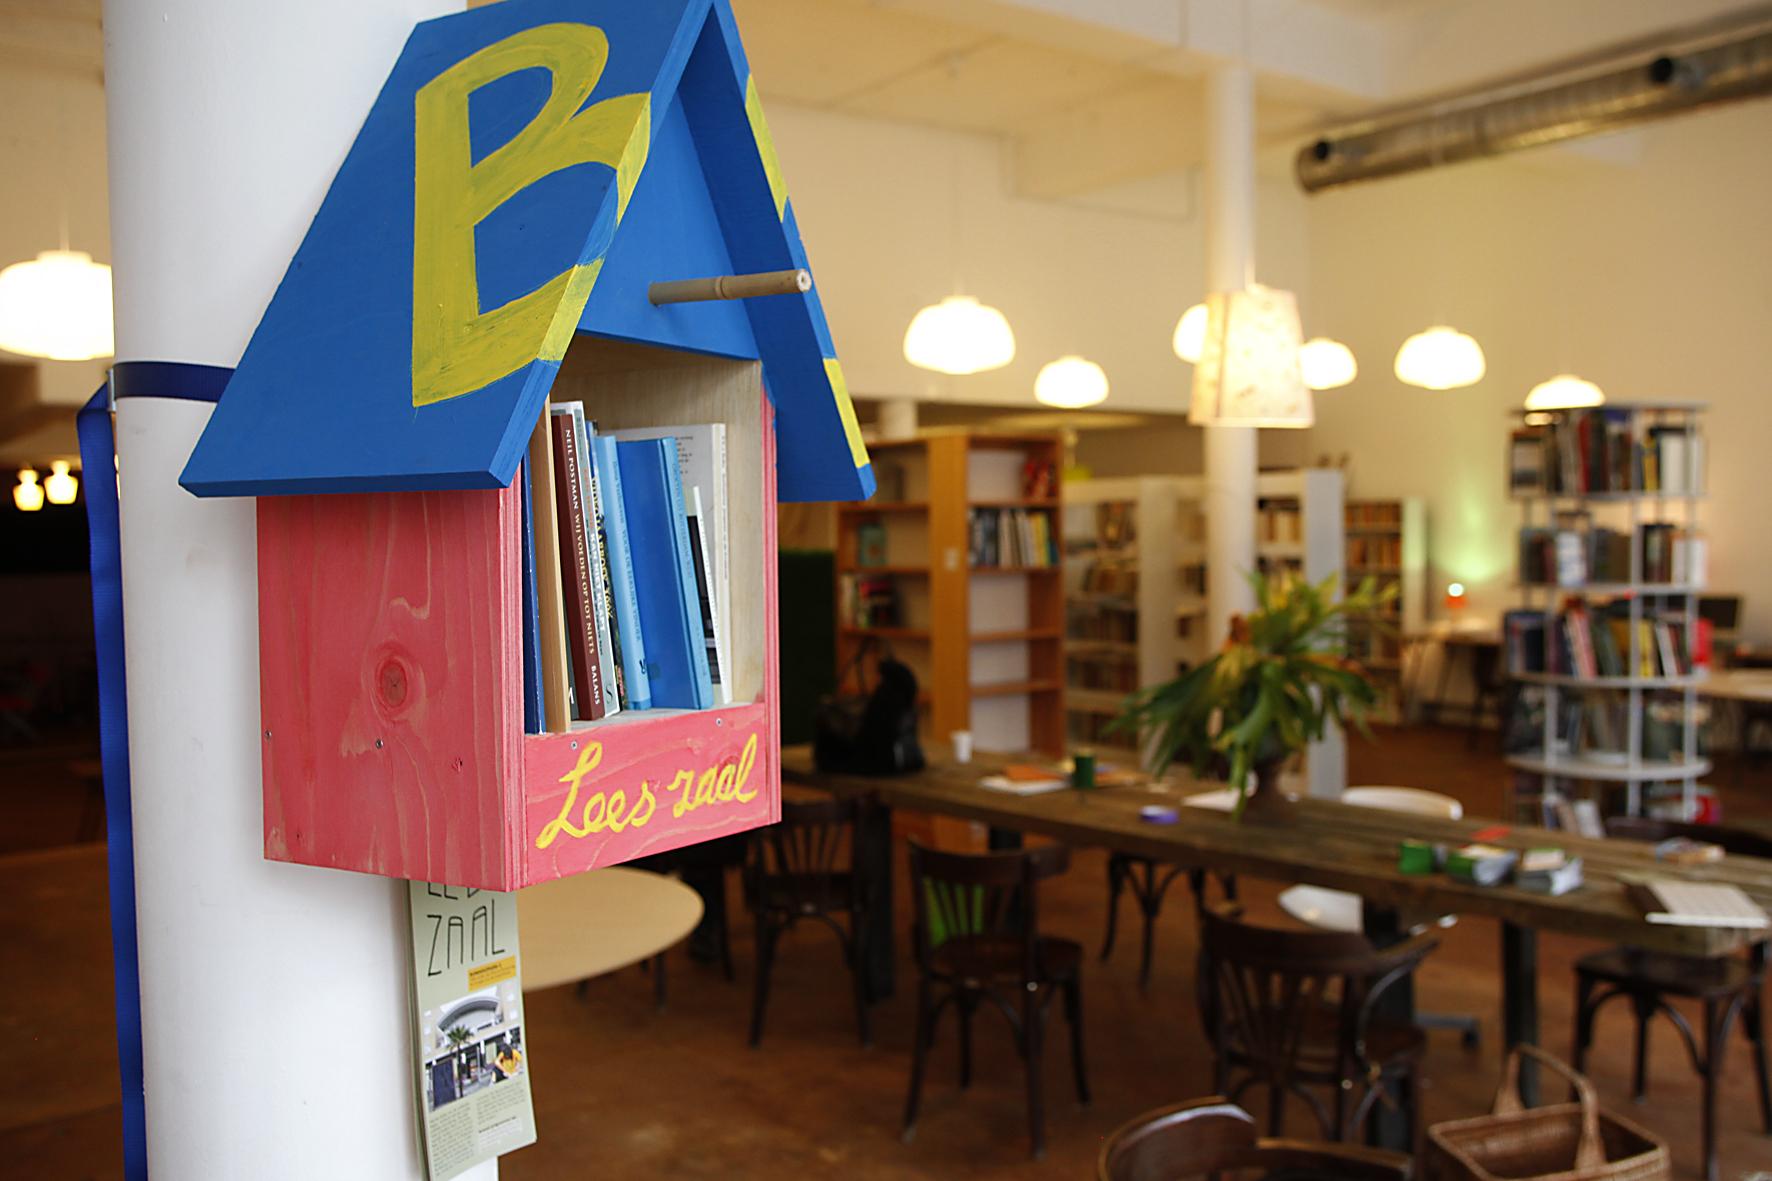 Vogelhuisje met boeken erin